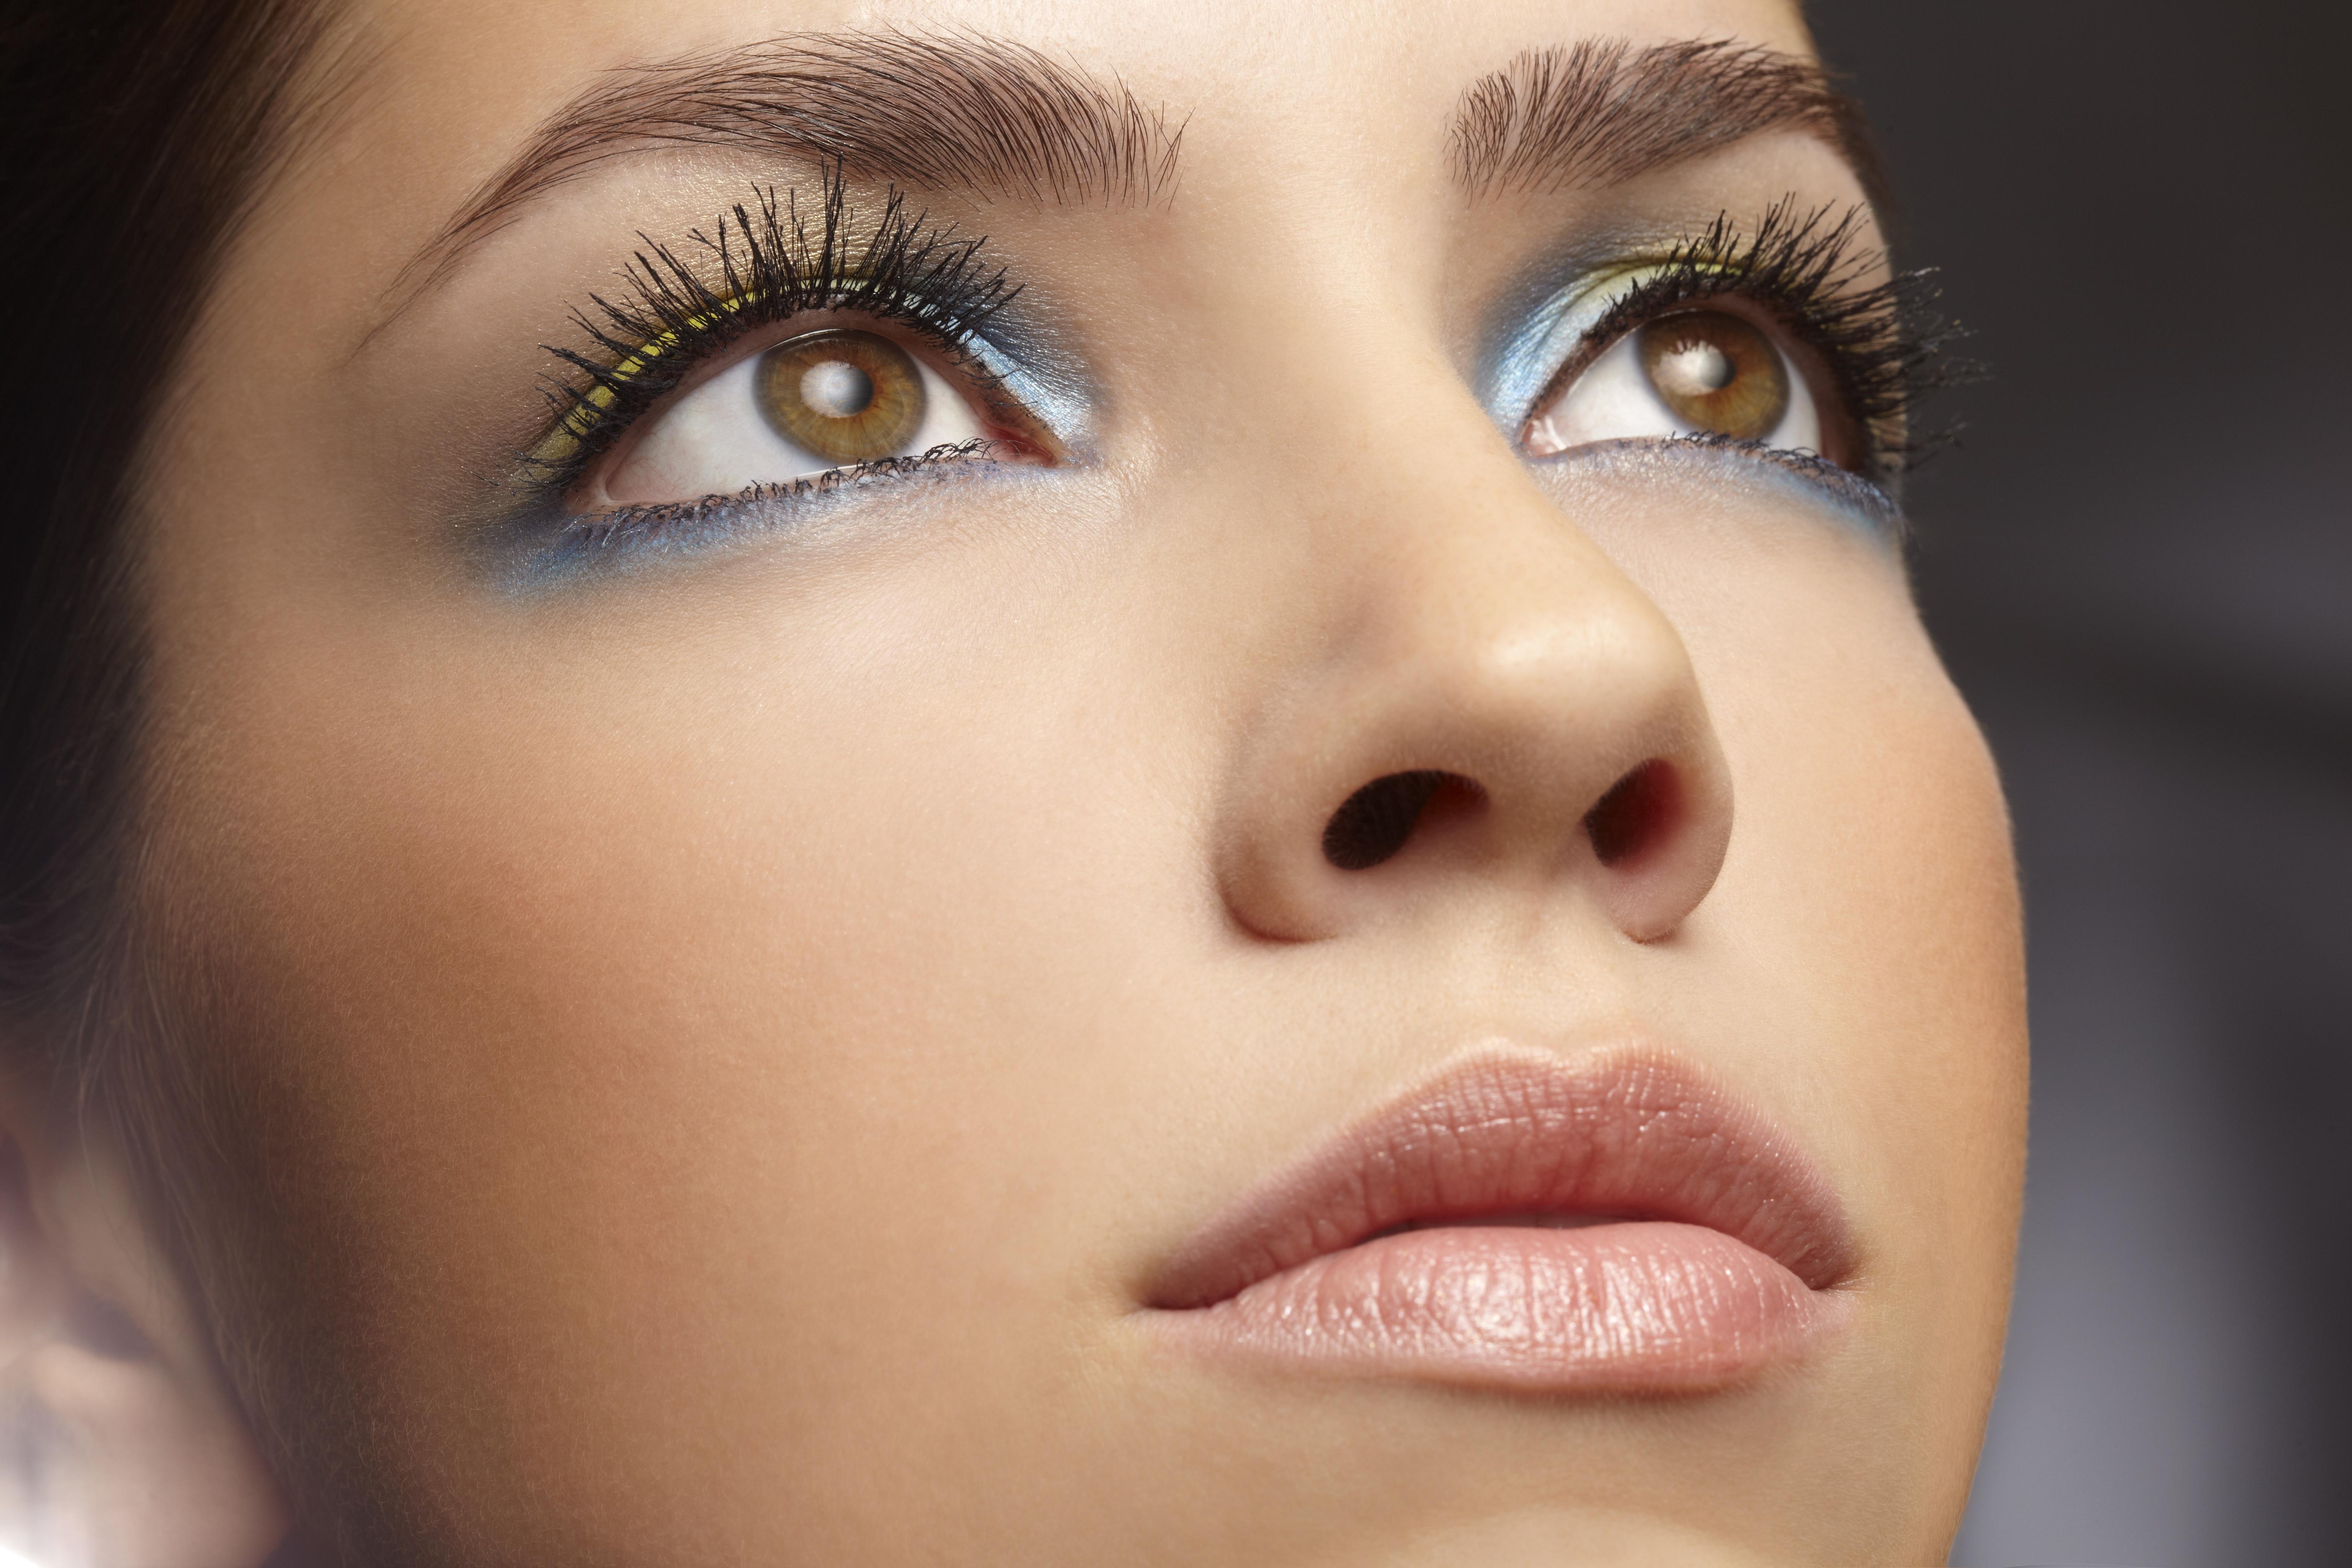 Woman with metallic eye make-up